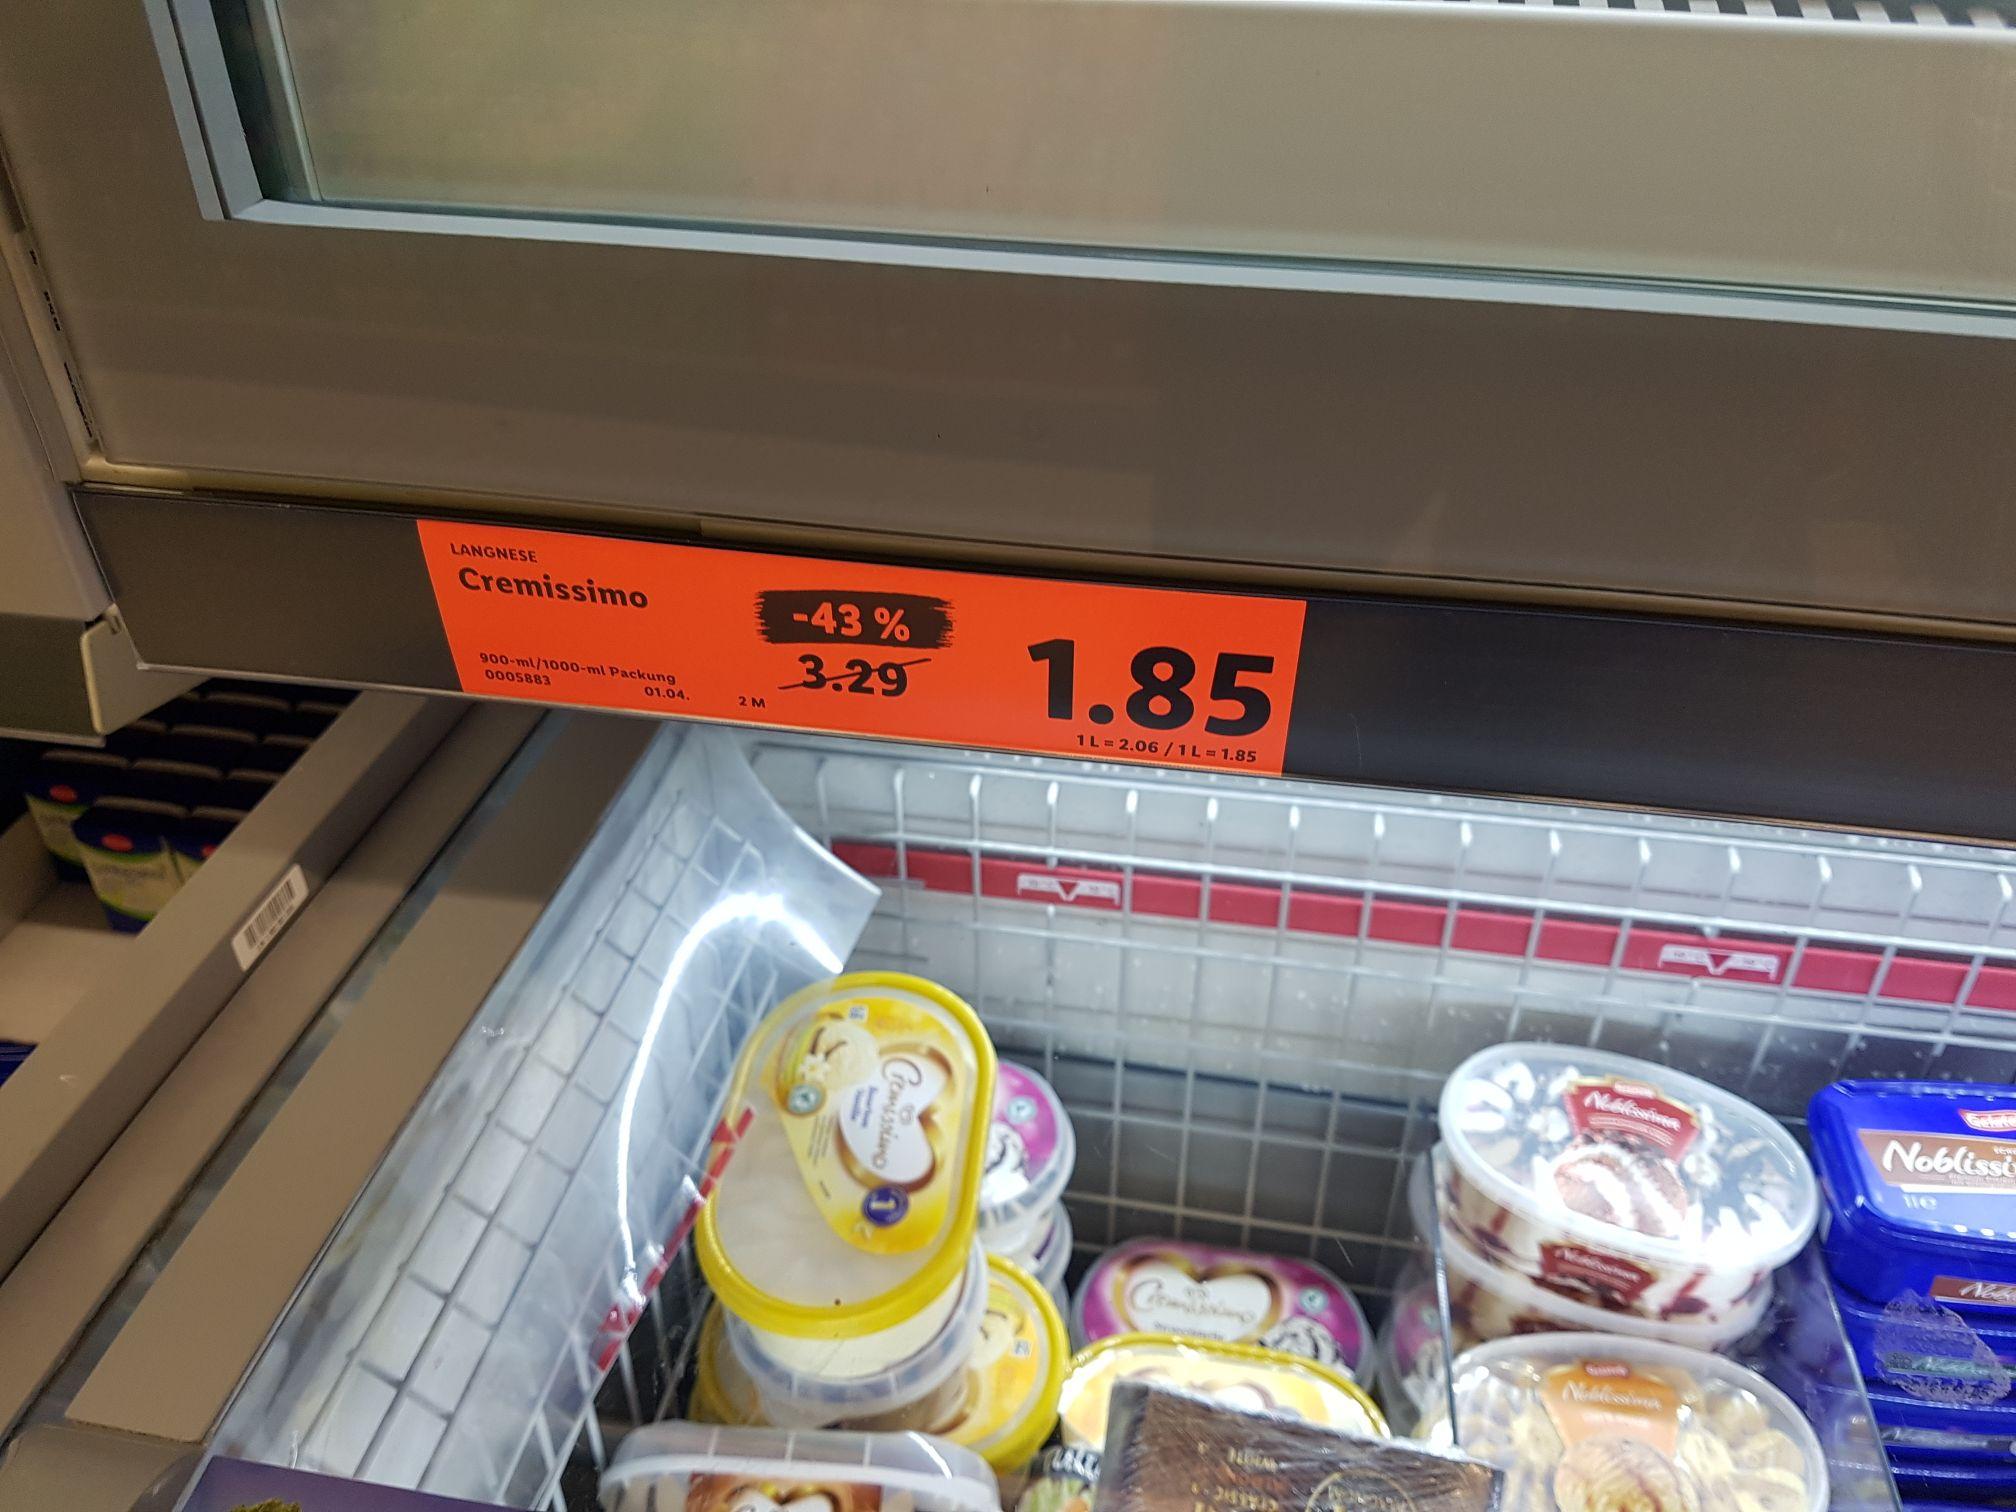 Lidl - Cremissimo für 1,85 € (verschieden Sorten)